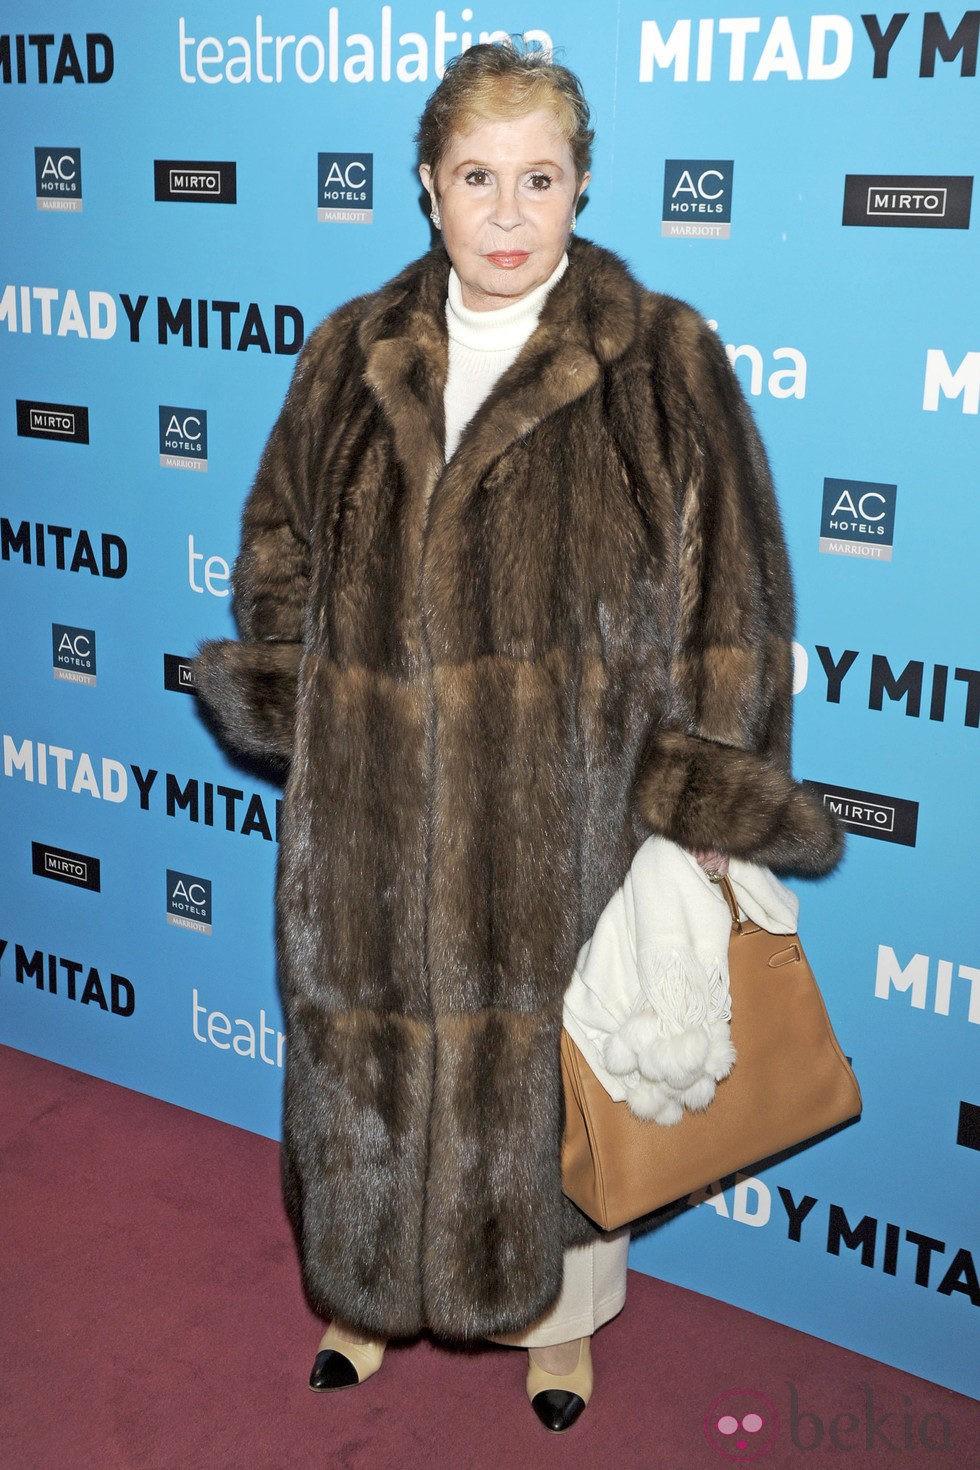 Lina Morgan en el estreno de 'Mitad y mitad'